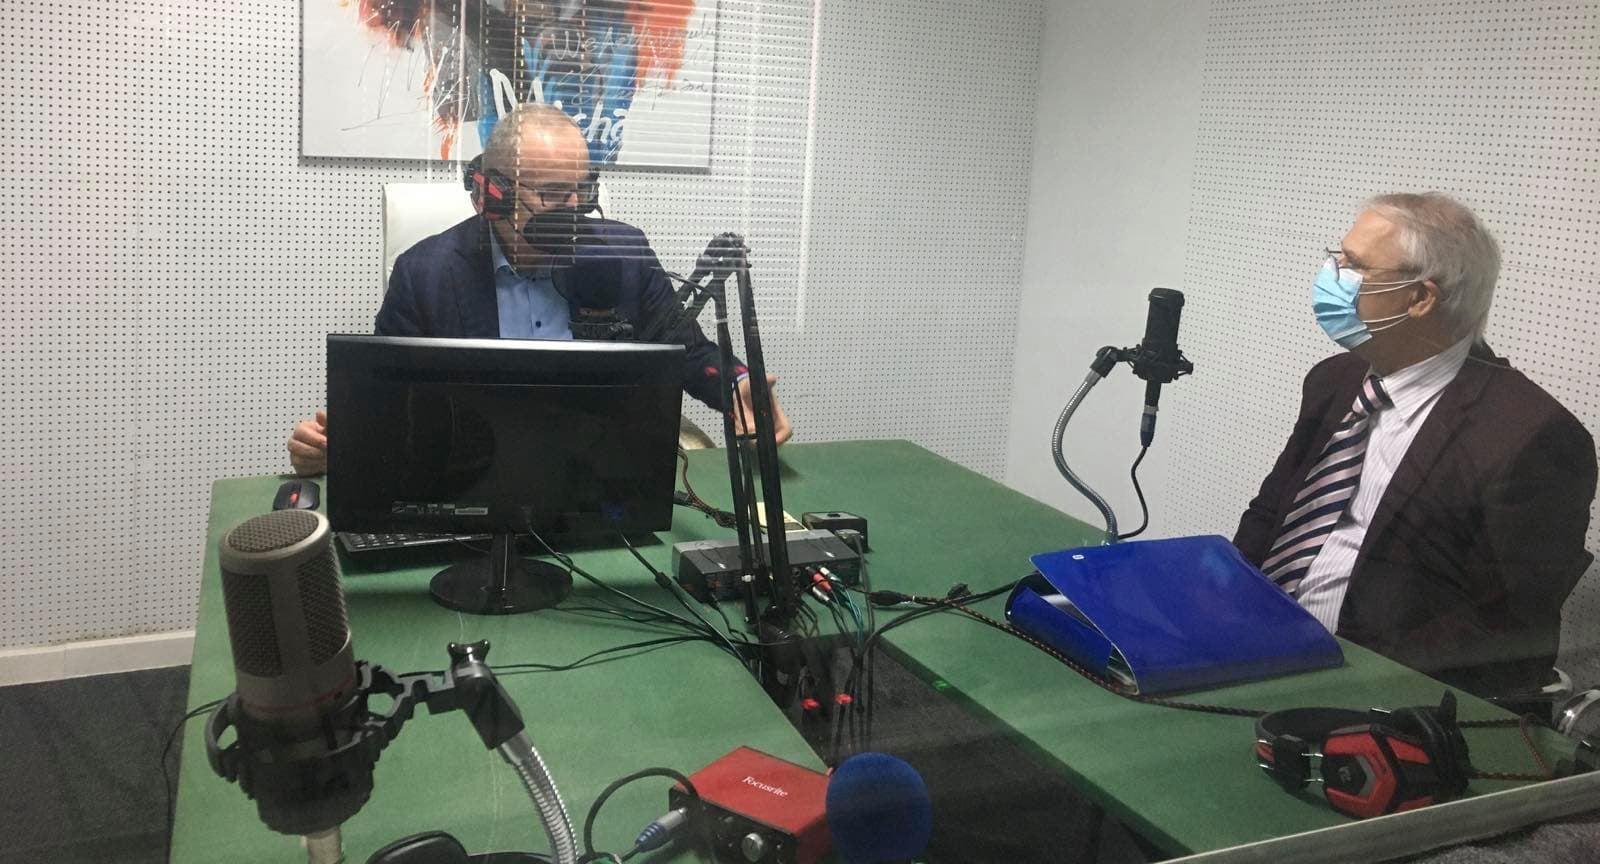 Belada: Zadatak SPC je uništiti sve što predstavlja crnogorski identitet, tu su i spomenici kulture